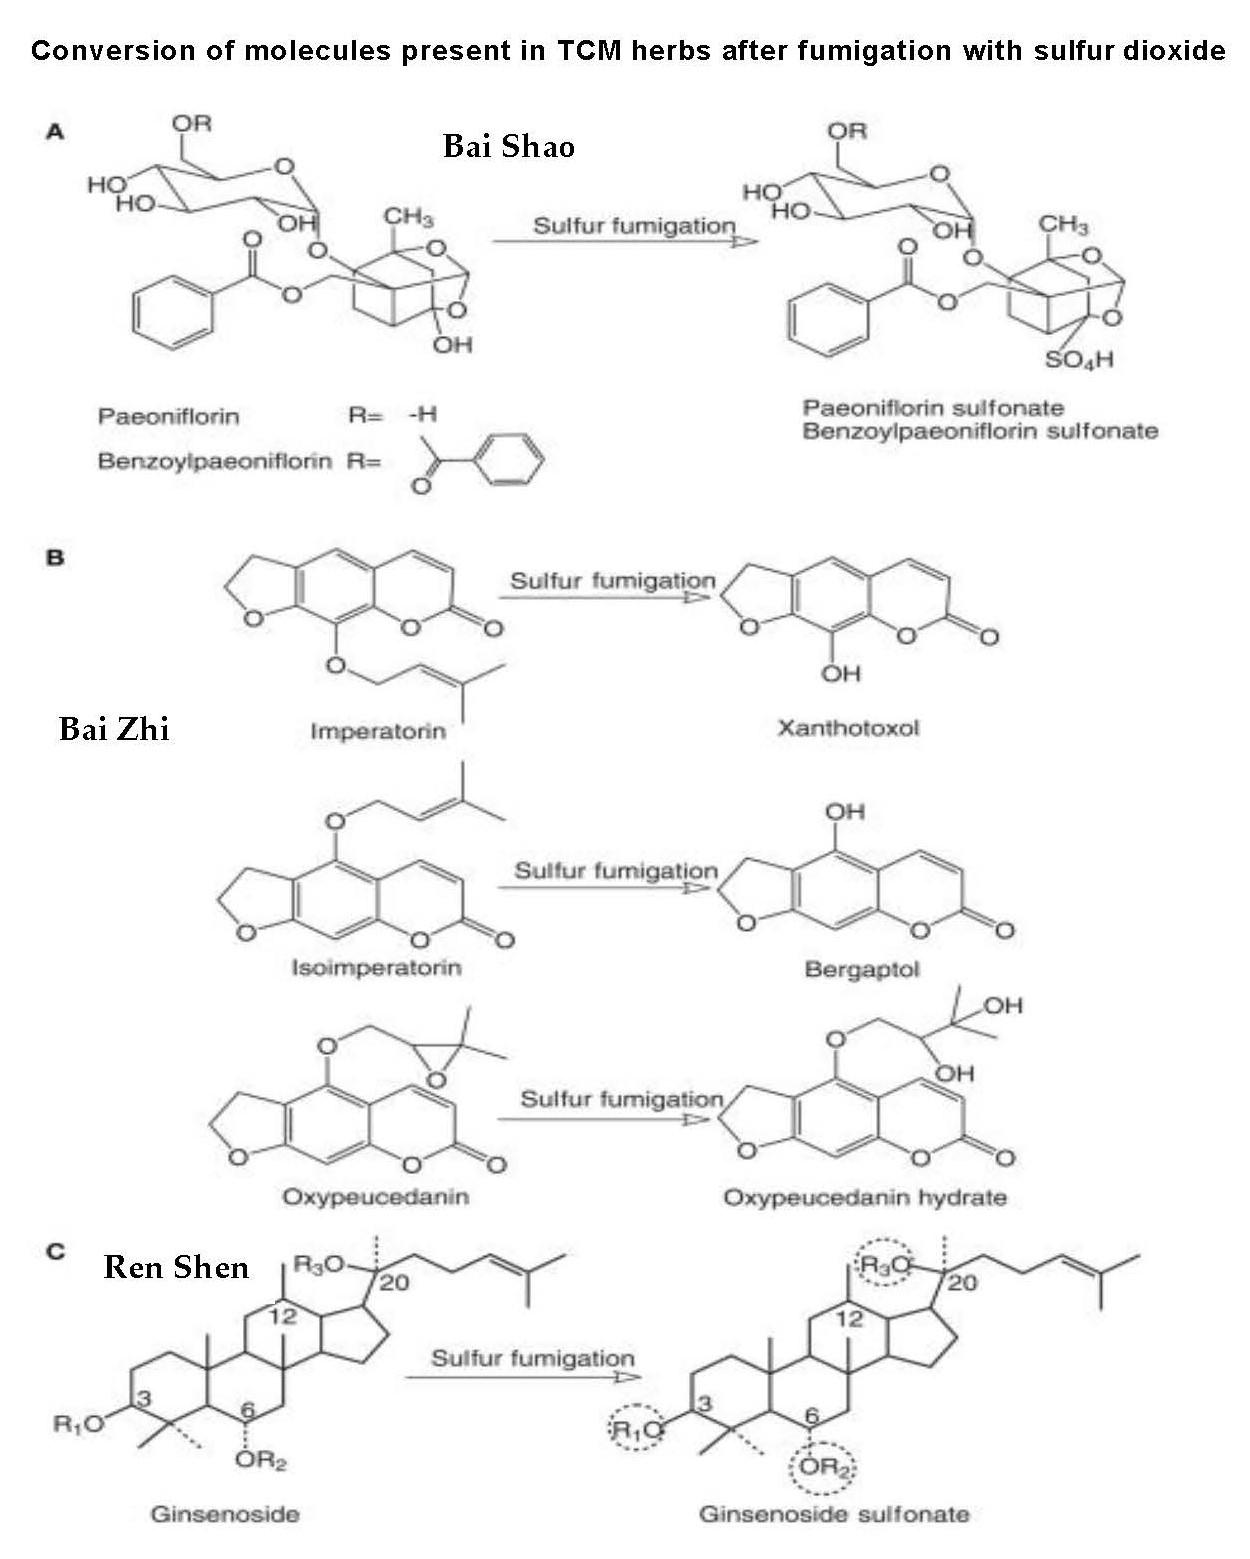 molecule conversion in herbs